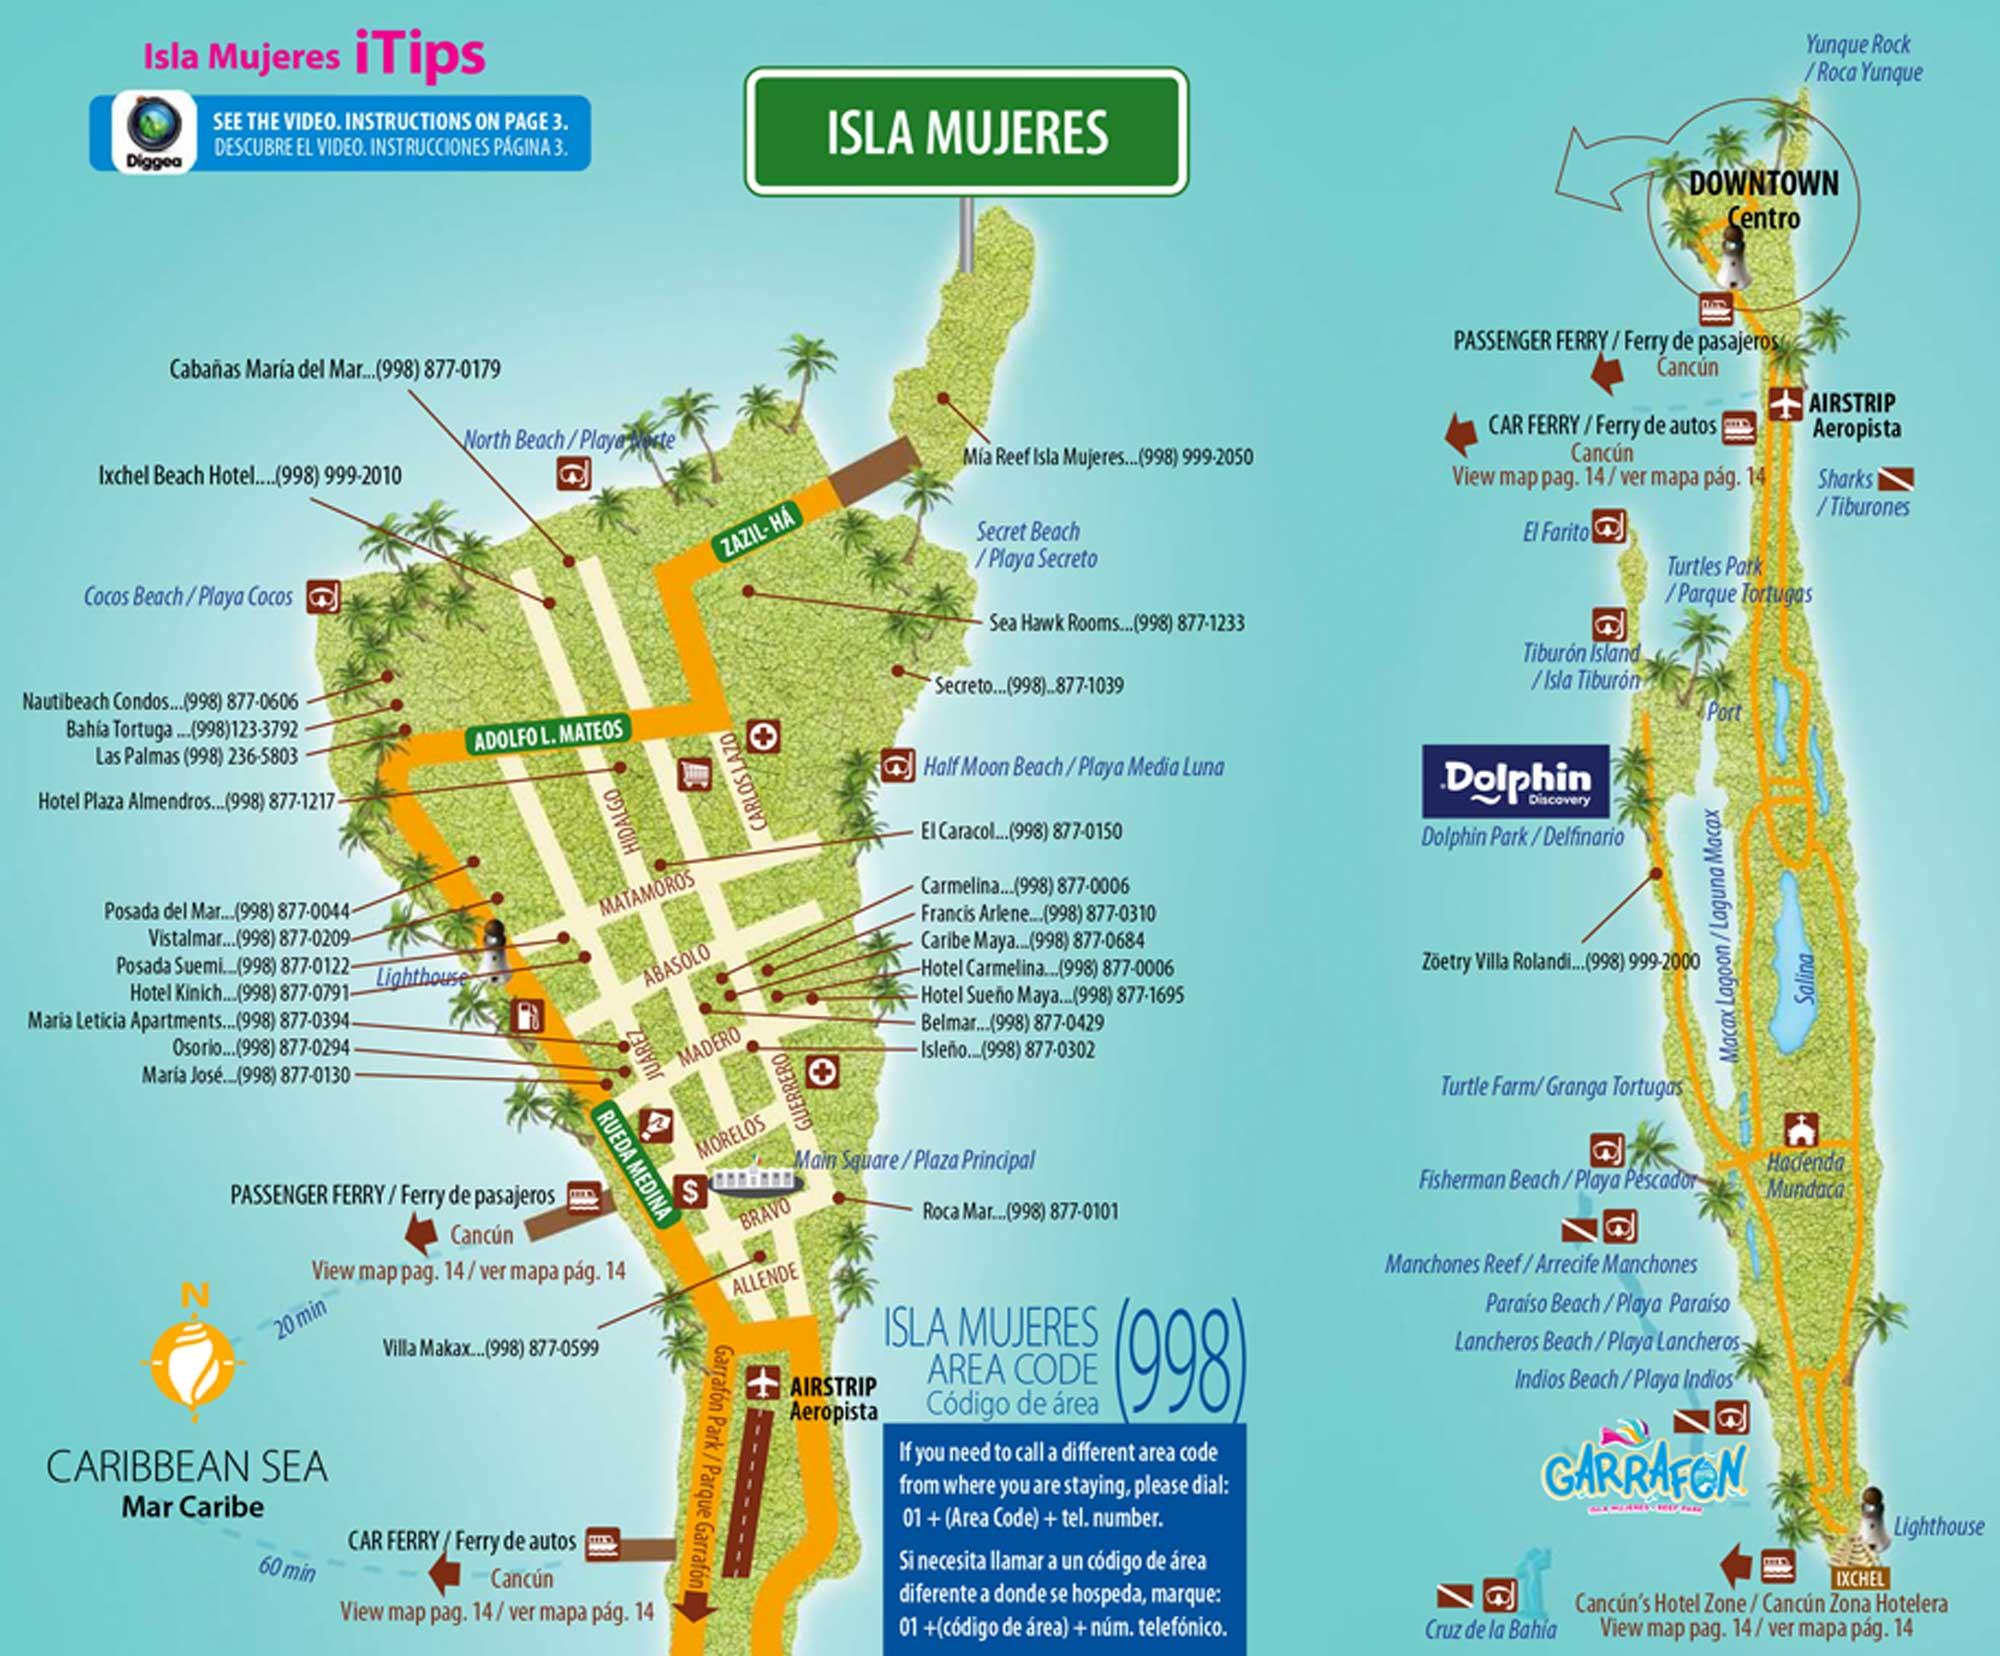 Mapa Isla Mujeres Cancun Tips